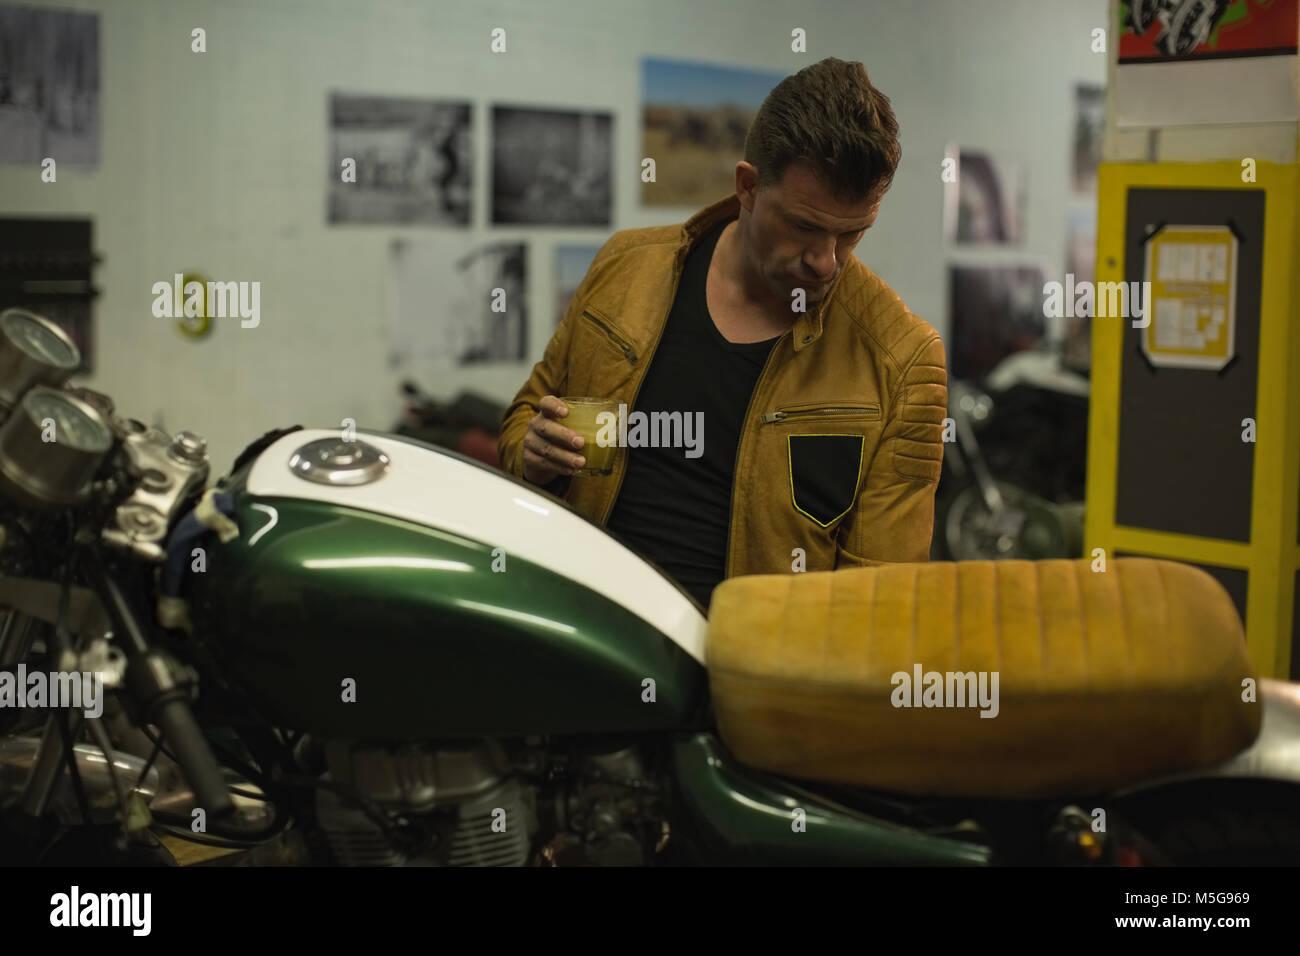 Mechanic repairing motorbike - Stock Image